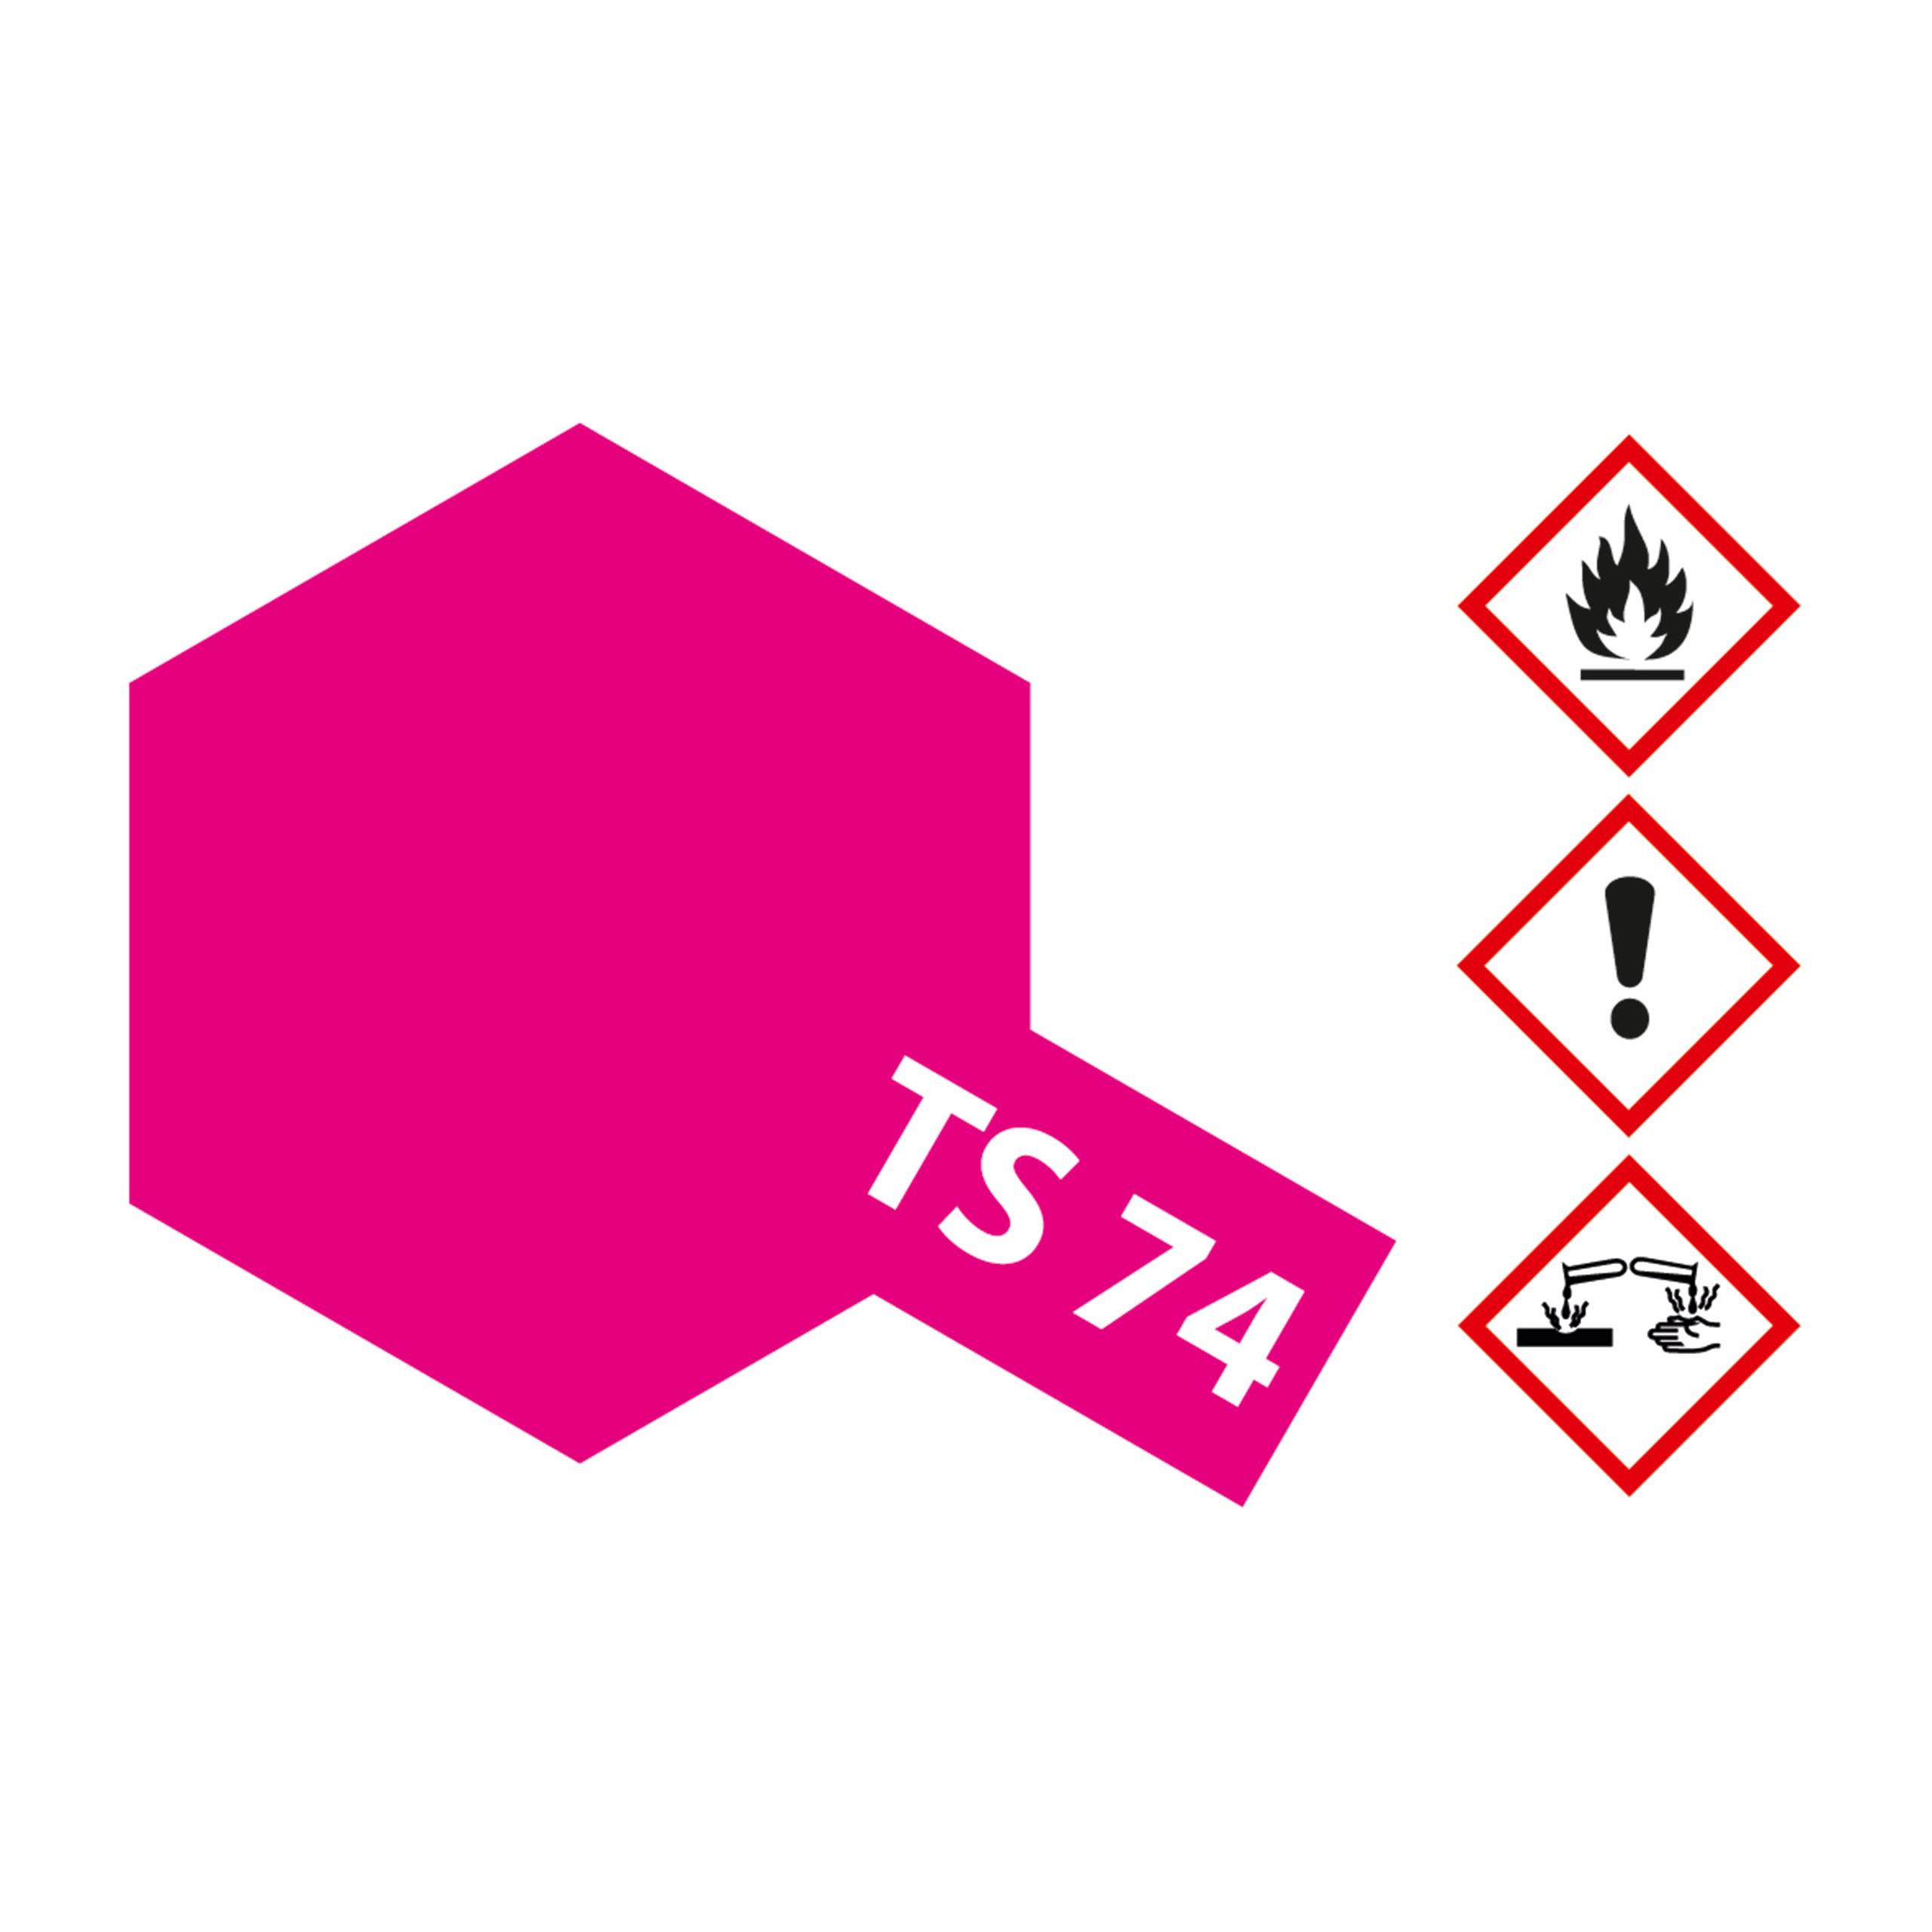 TS-74 Rot Transpar. Klar glaenz. - 100ml Sprayfarbe Kunstharz Tamiya 300085074